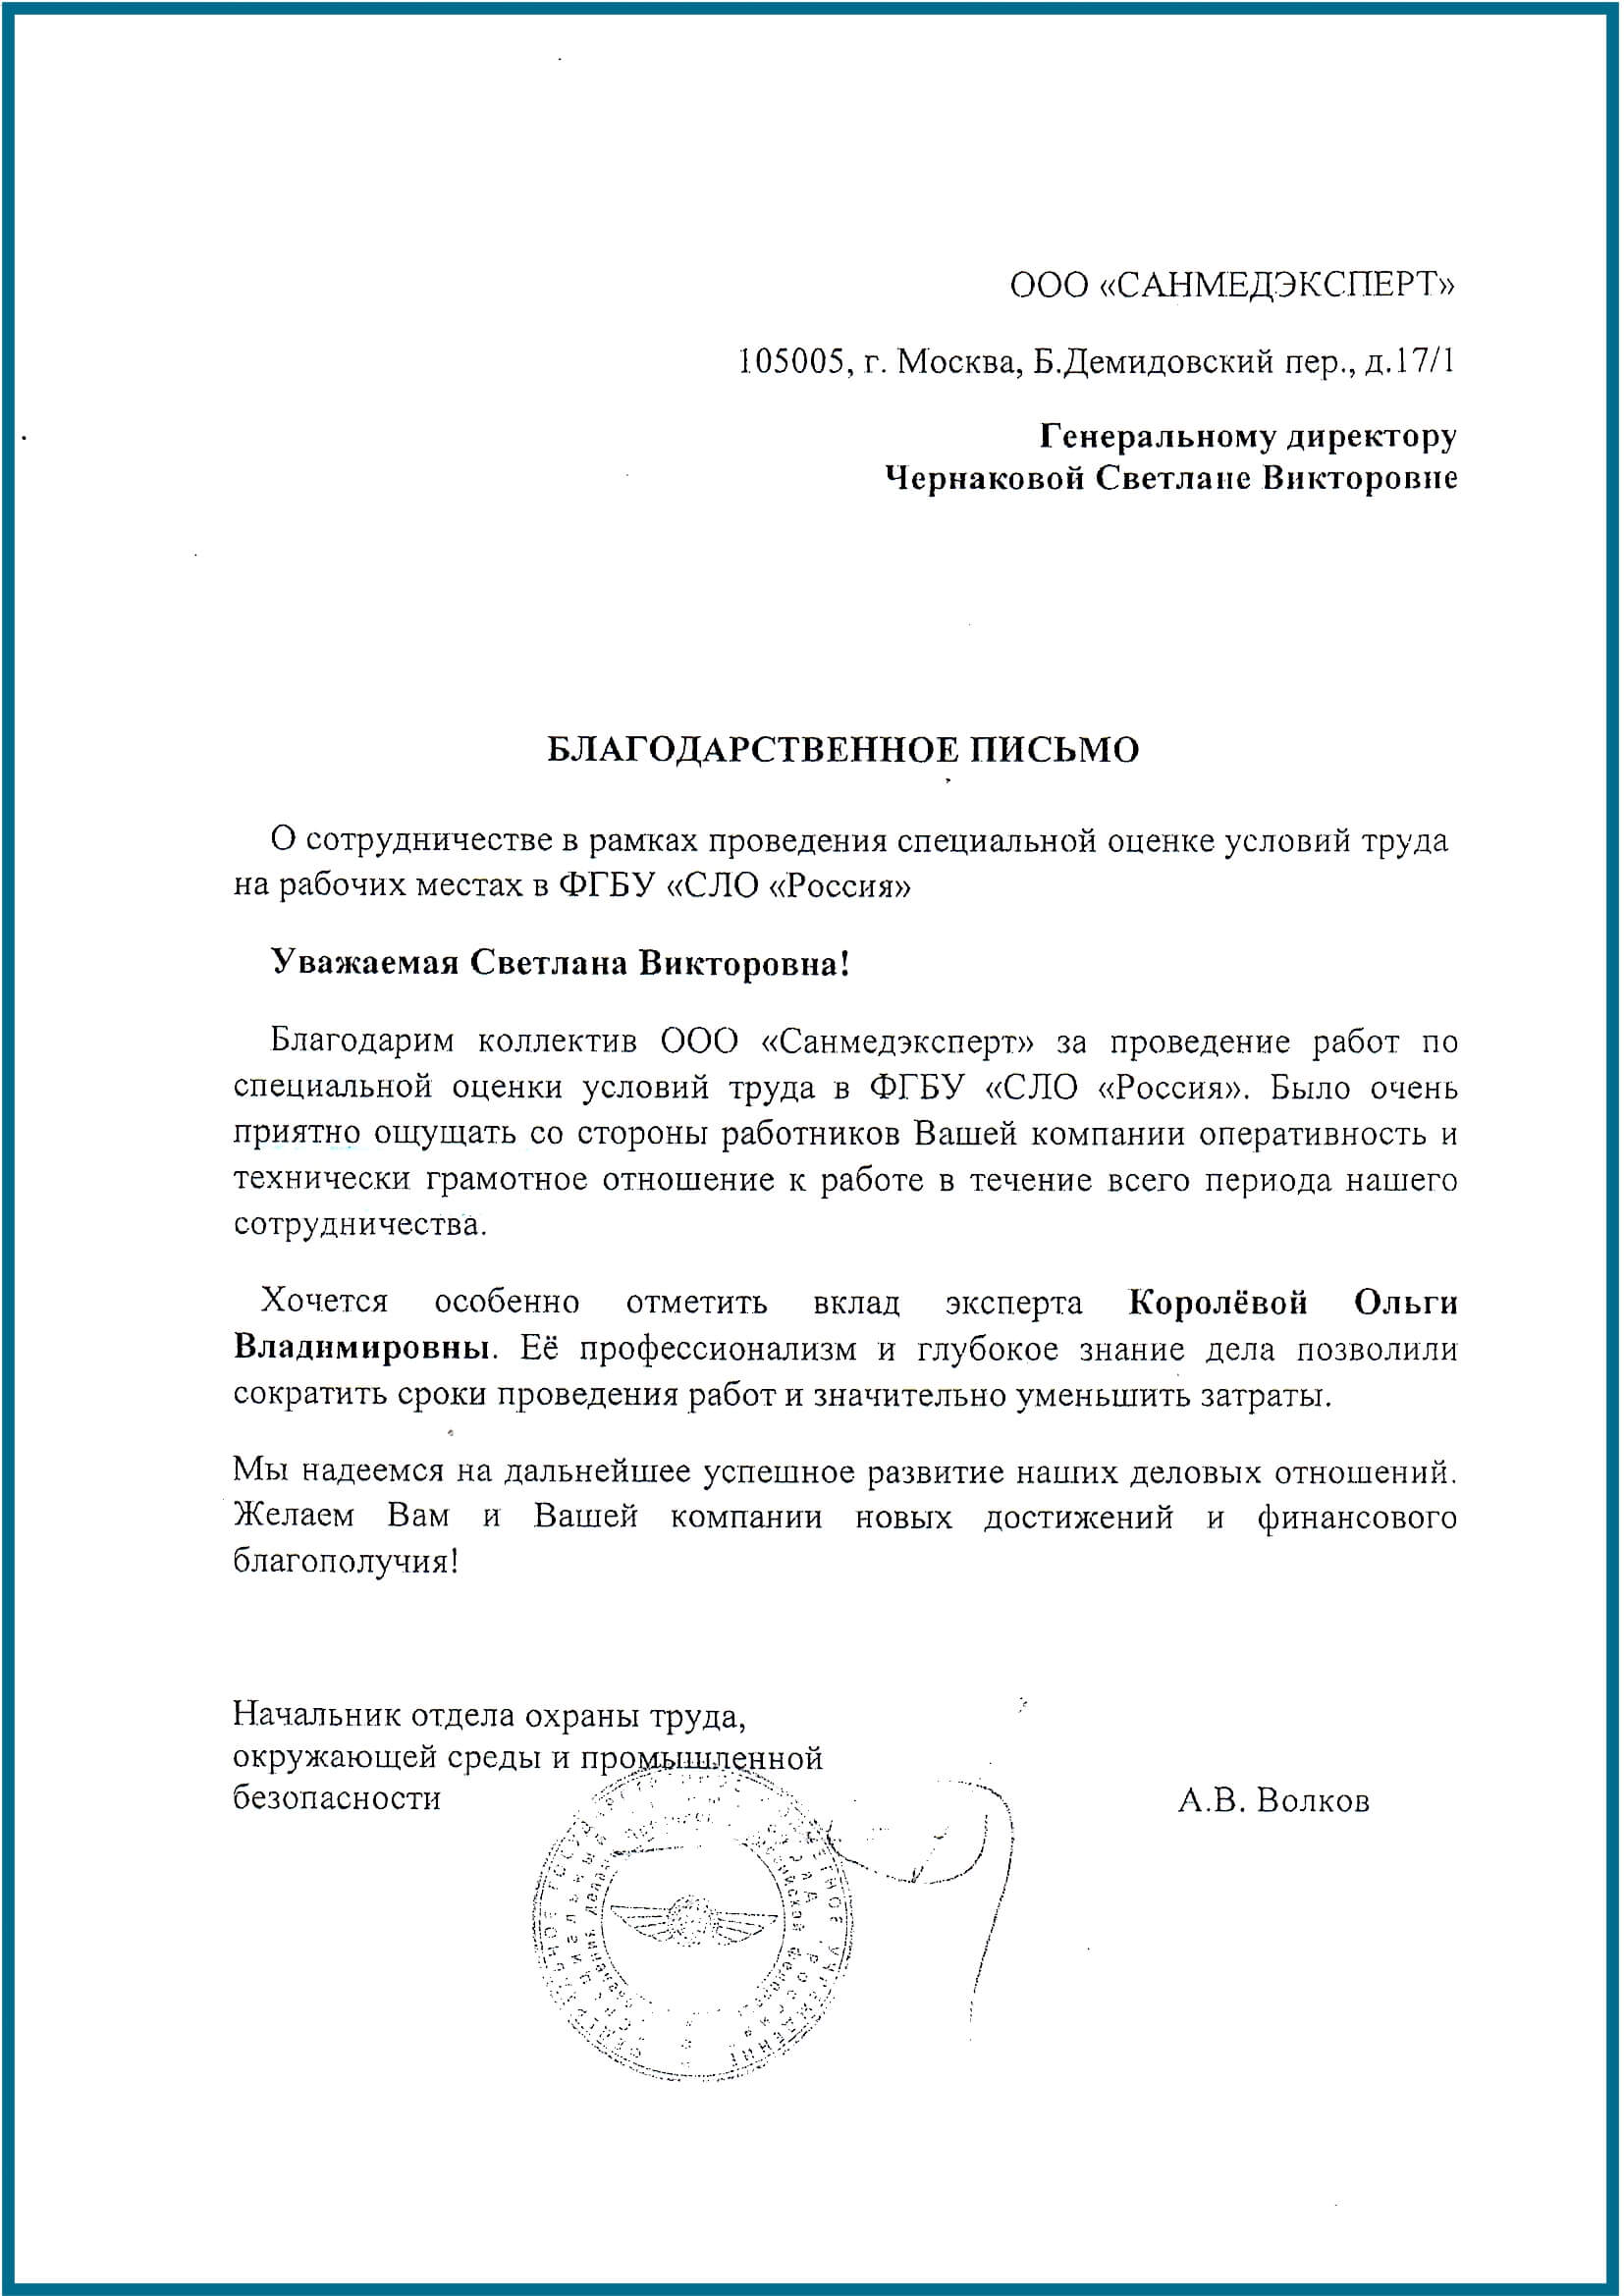 Медицинские книжки в Москве Лианозово в цао